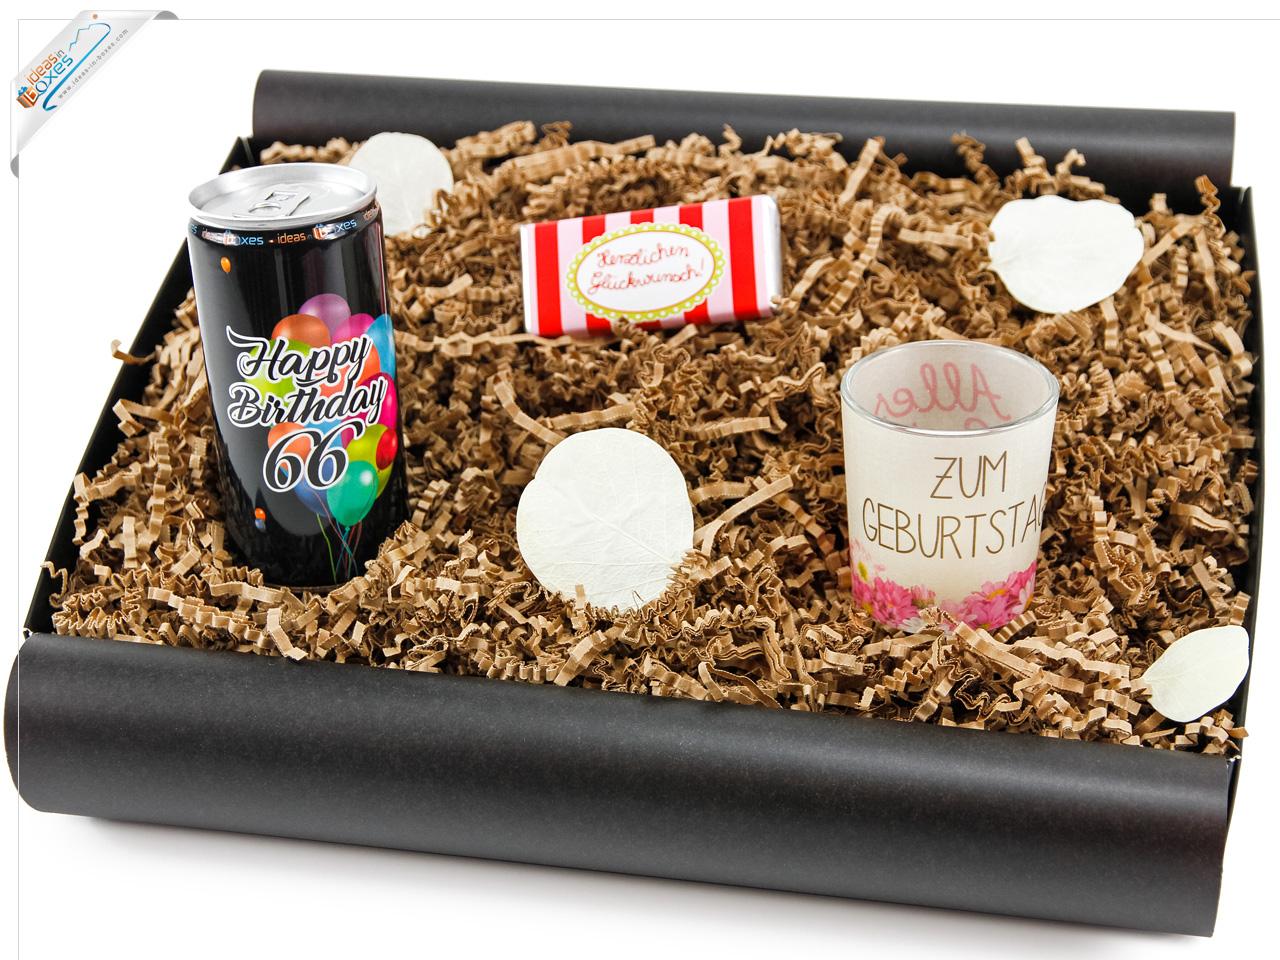 geschenkbox von herzen 66 secco bianco geschenk zum. Black Bedroom Furniture Sets. Home Design Ideas